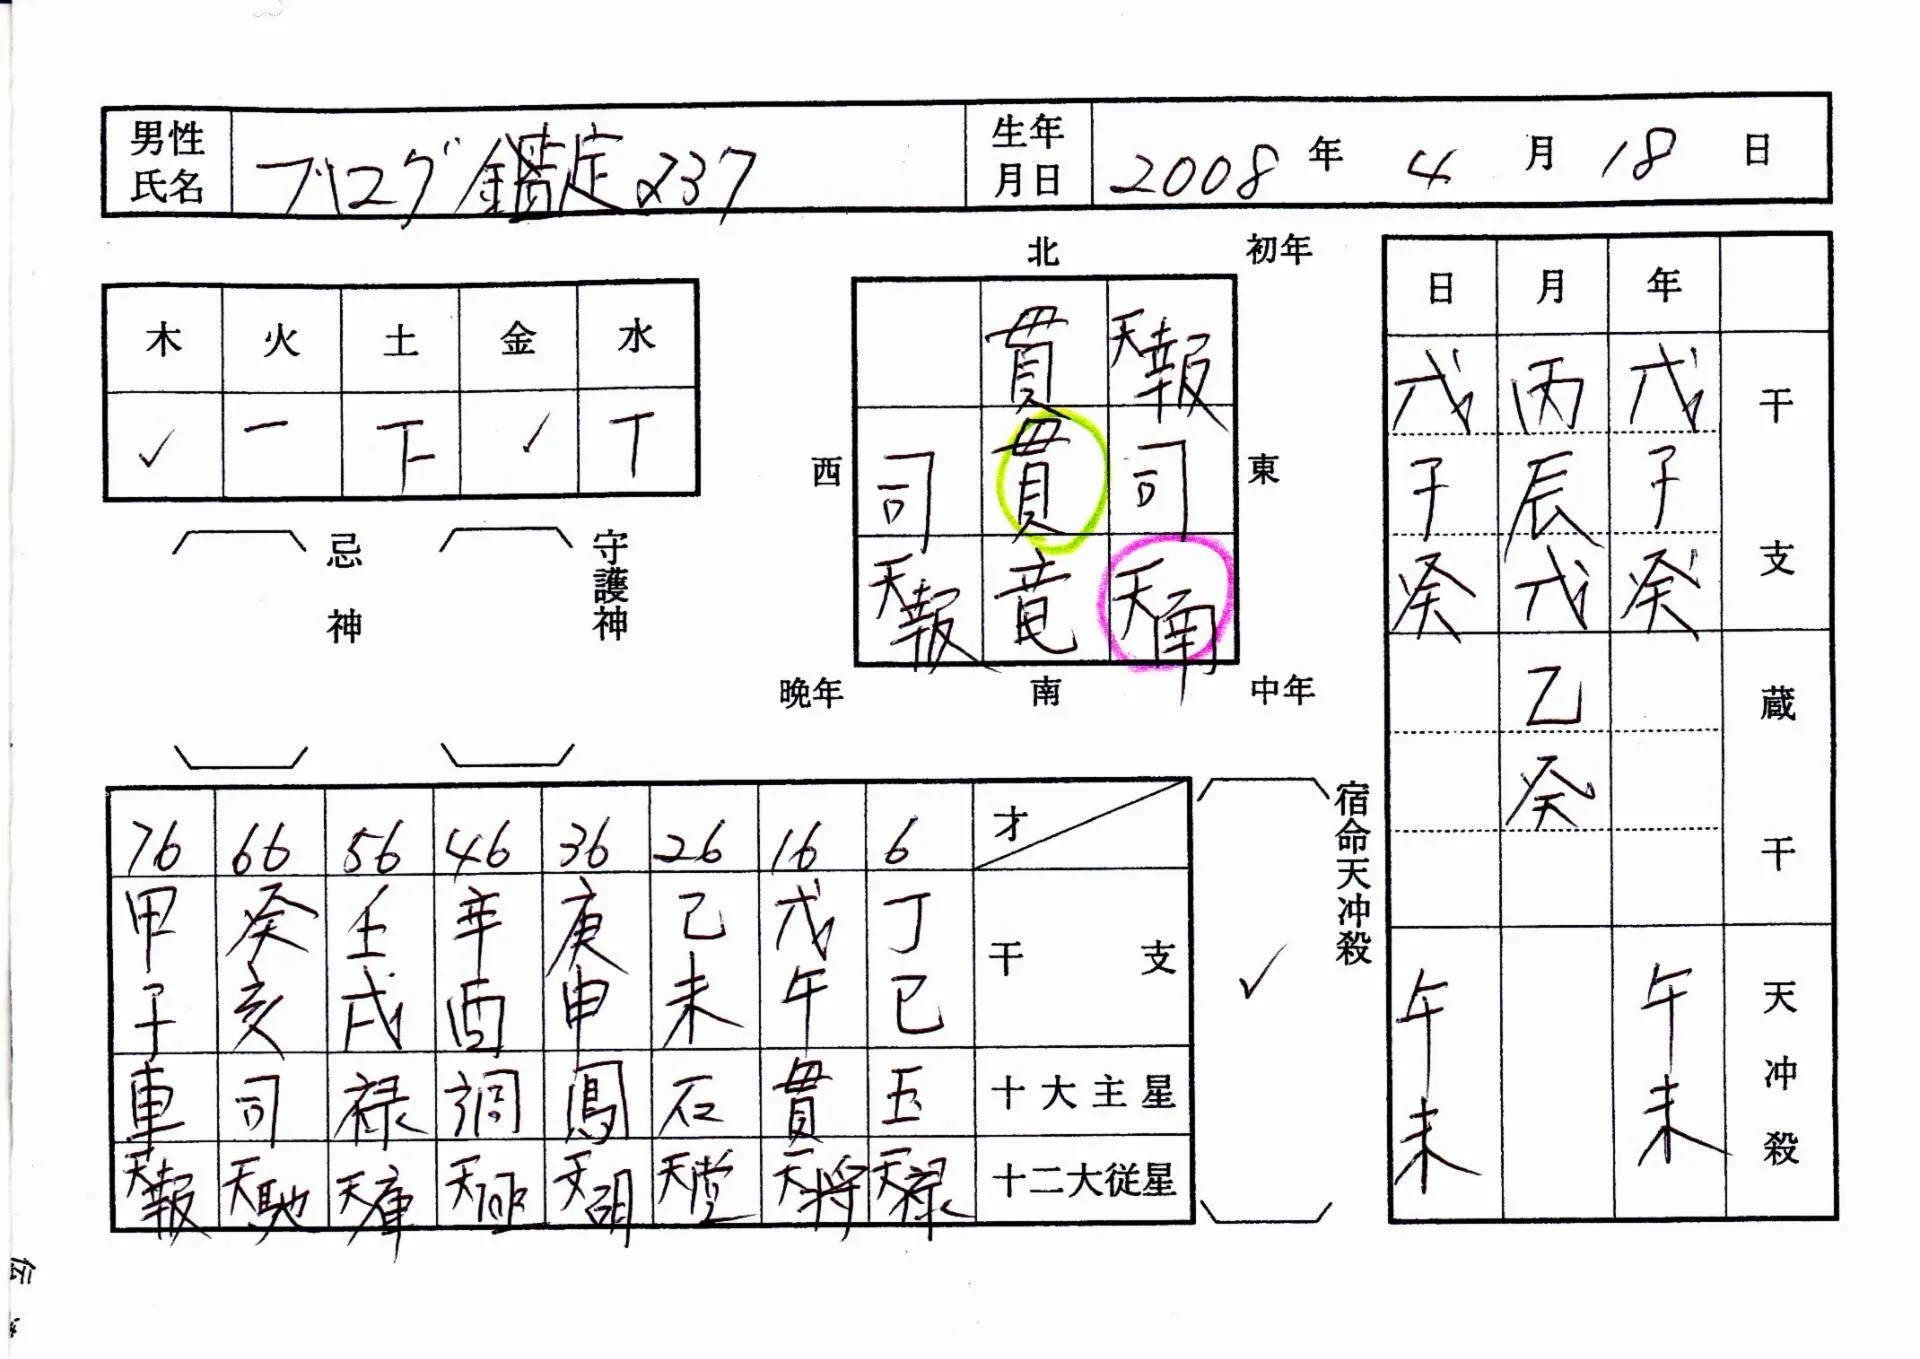 ブログ鑑定 237 - マダム春雙の算命學